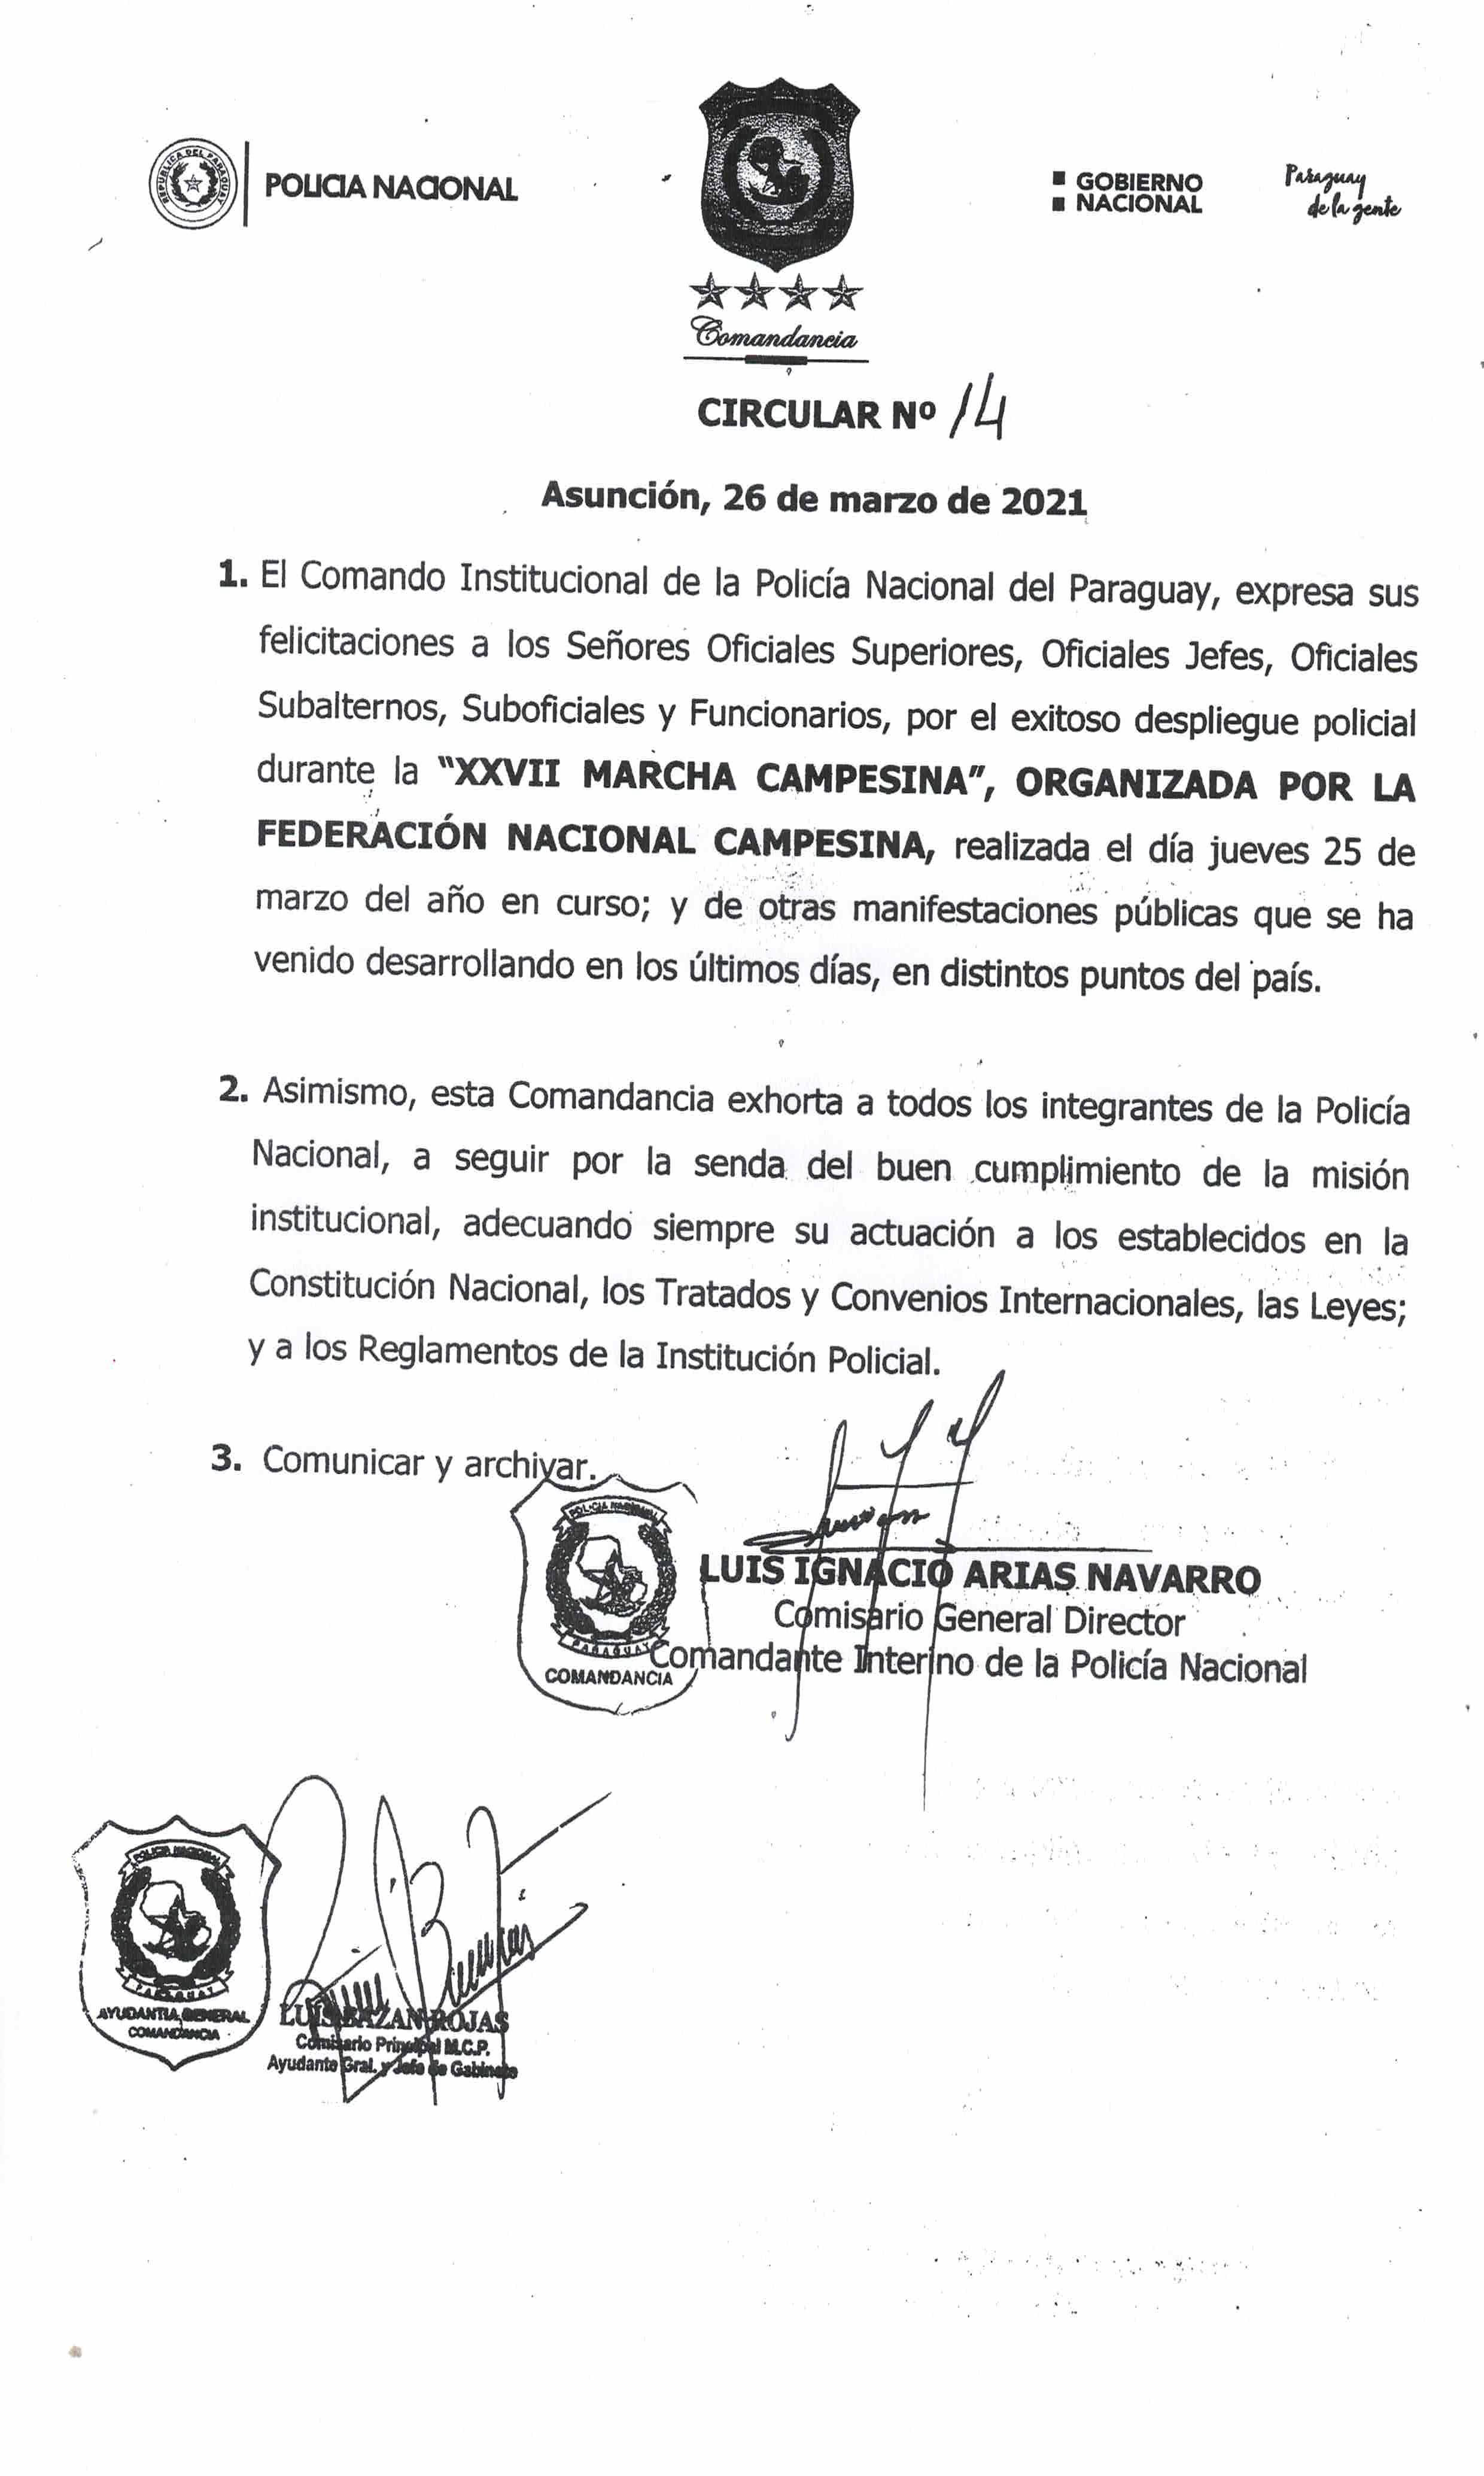 El Comando Institucional de la Policía Nacional del Paraguay, expresa sus felicitaciones a todo el Personal Policial a través de la Circular N° 14.